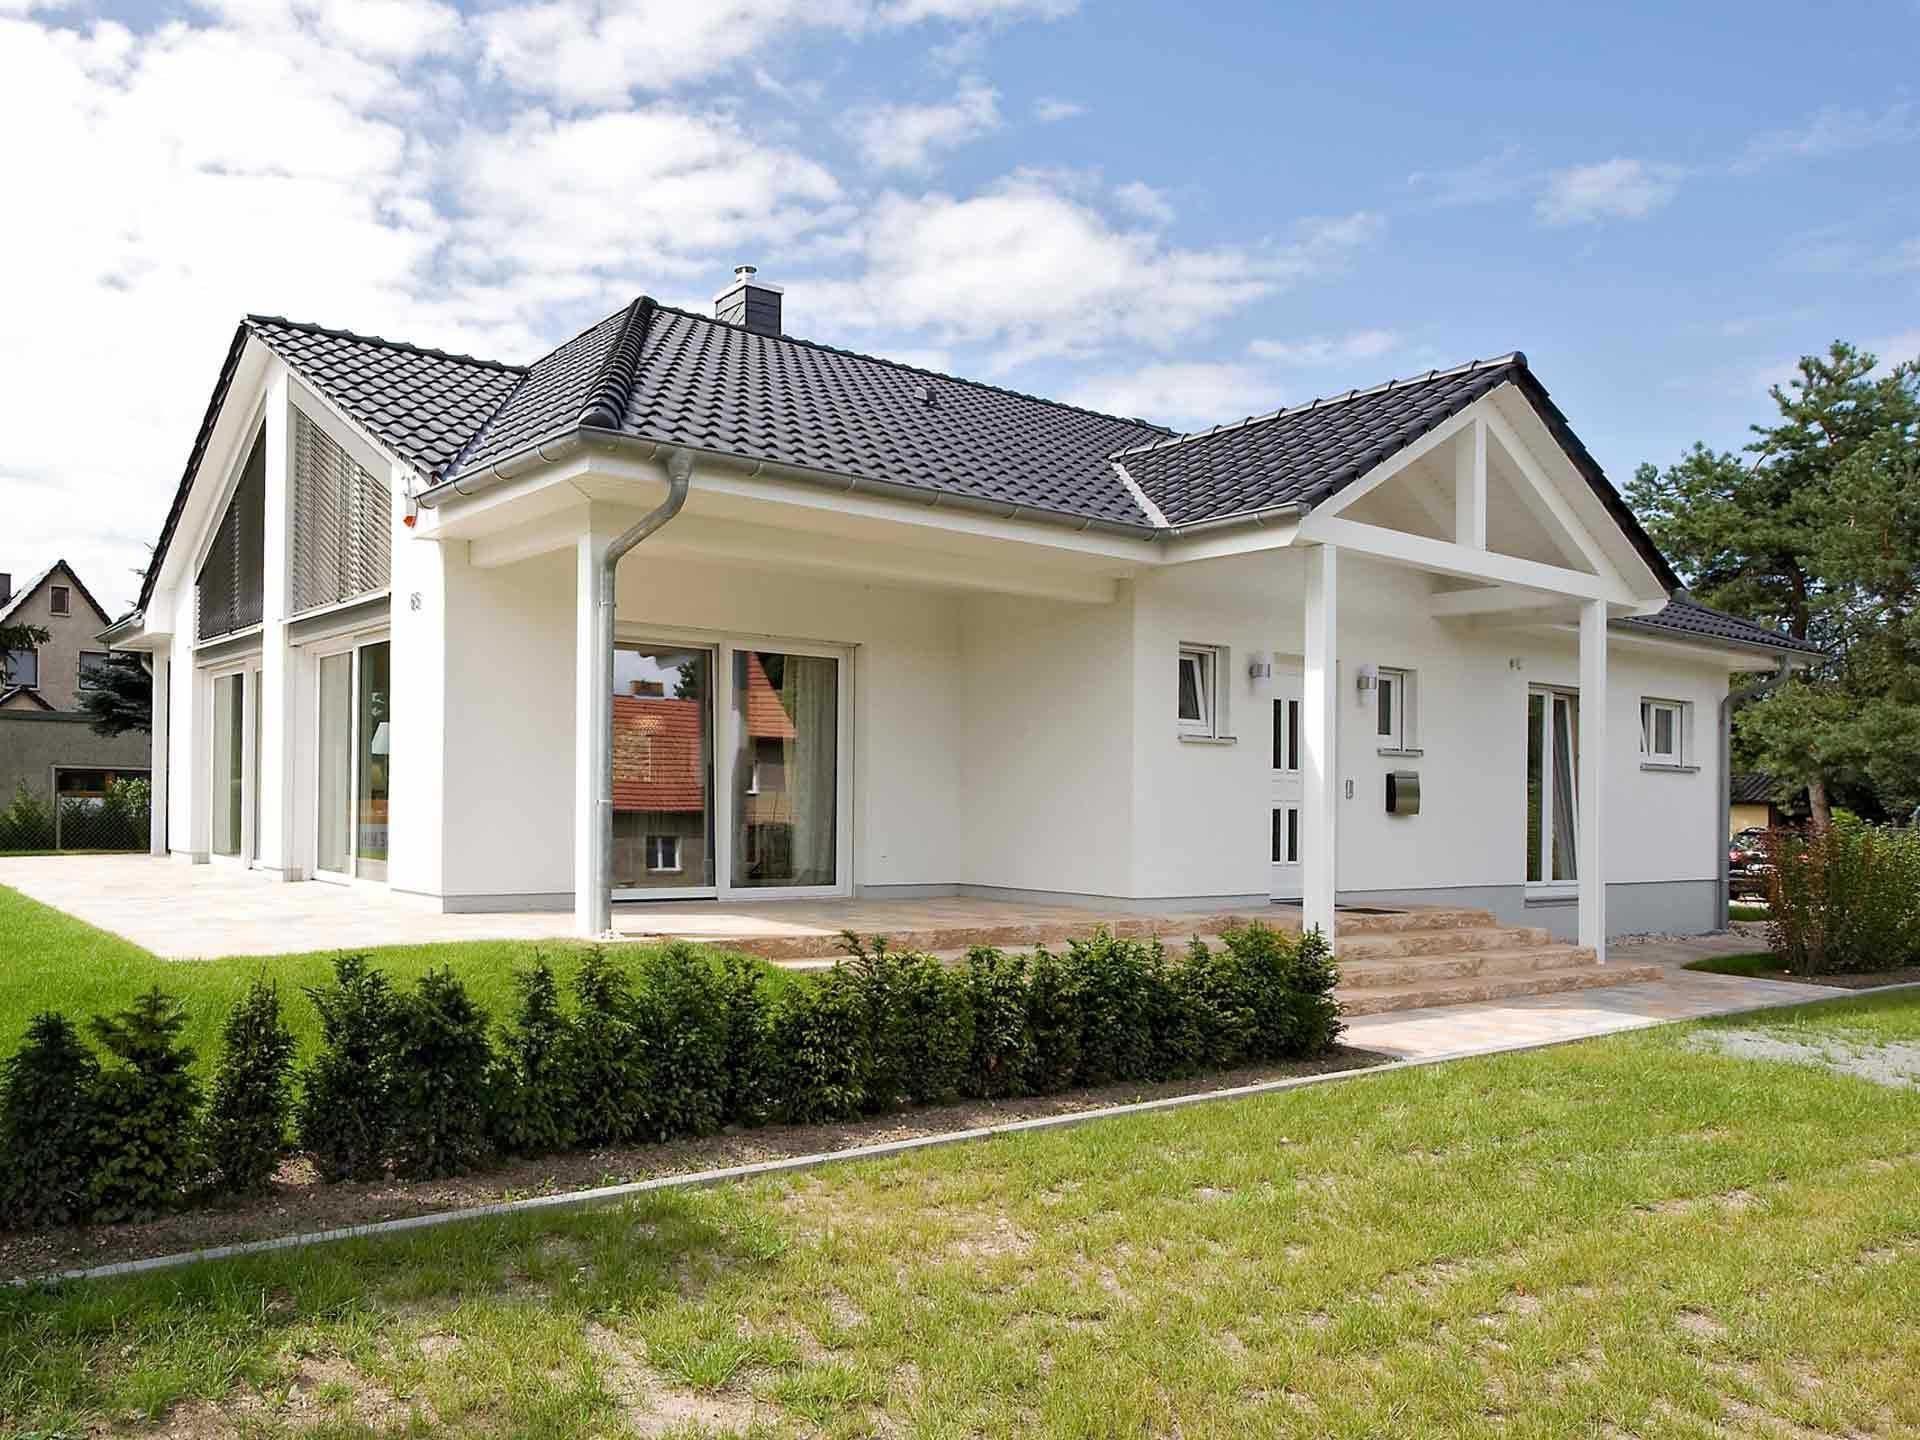 ᐅ Fertighaus Bauen Hauser Alle Anbieter Vergleichen 6 5